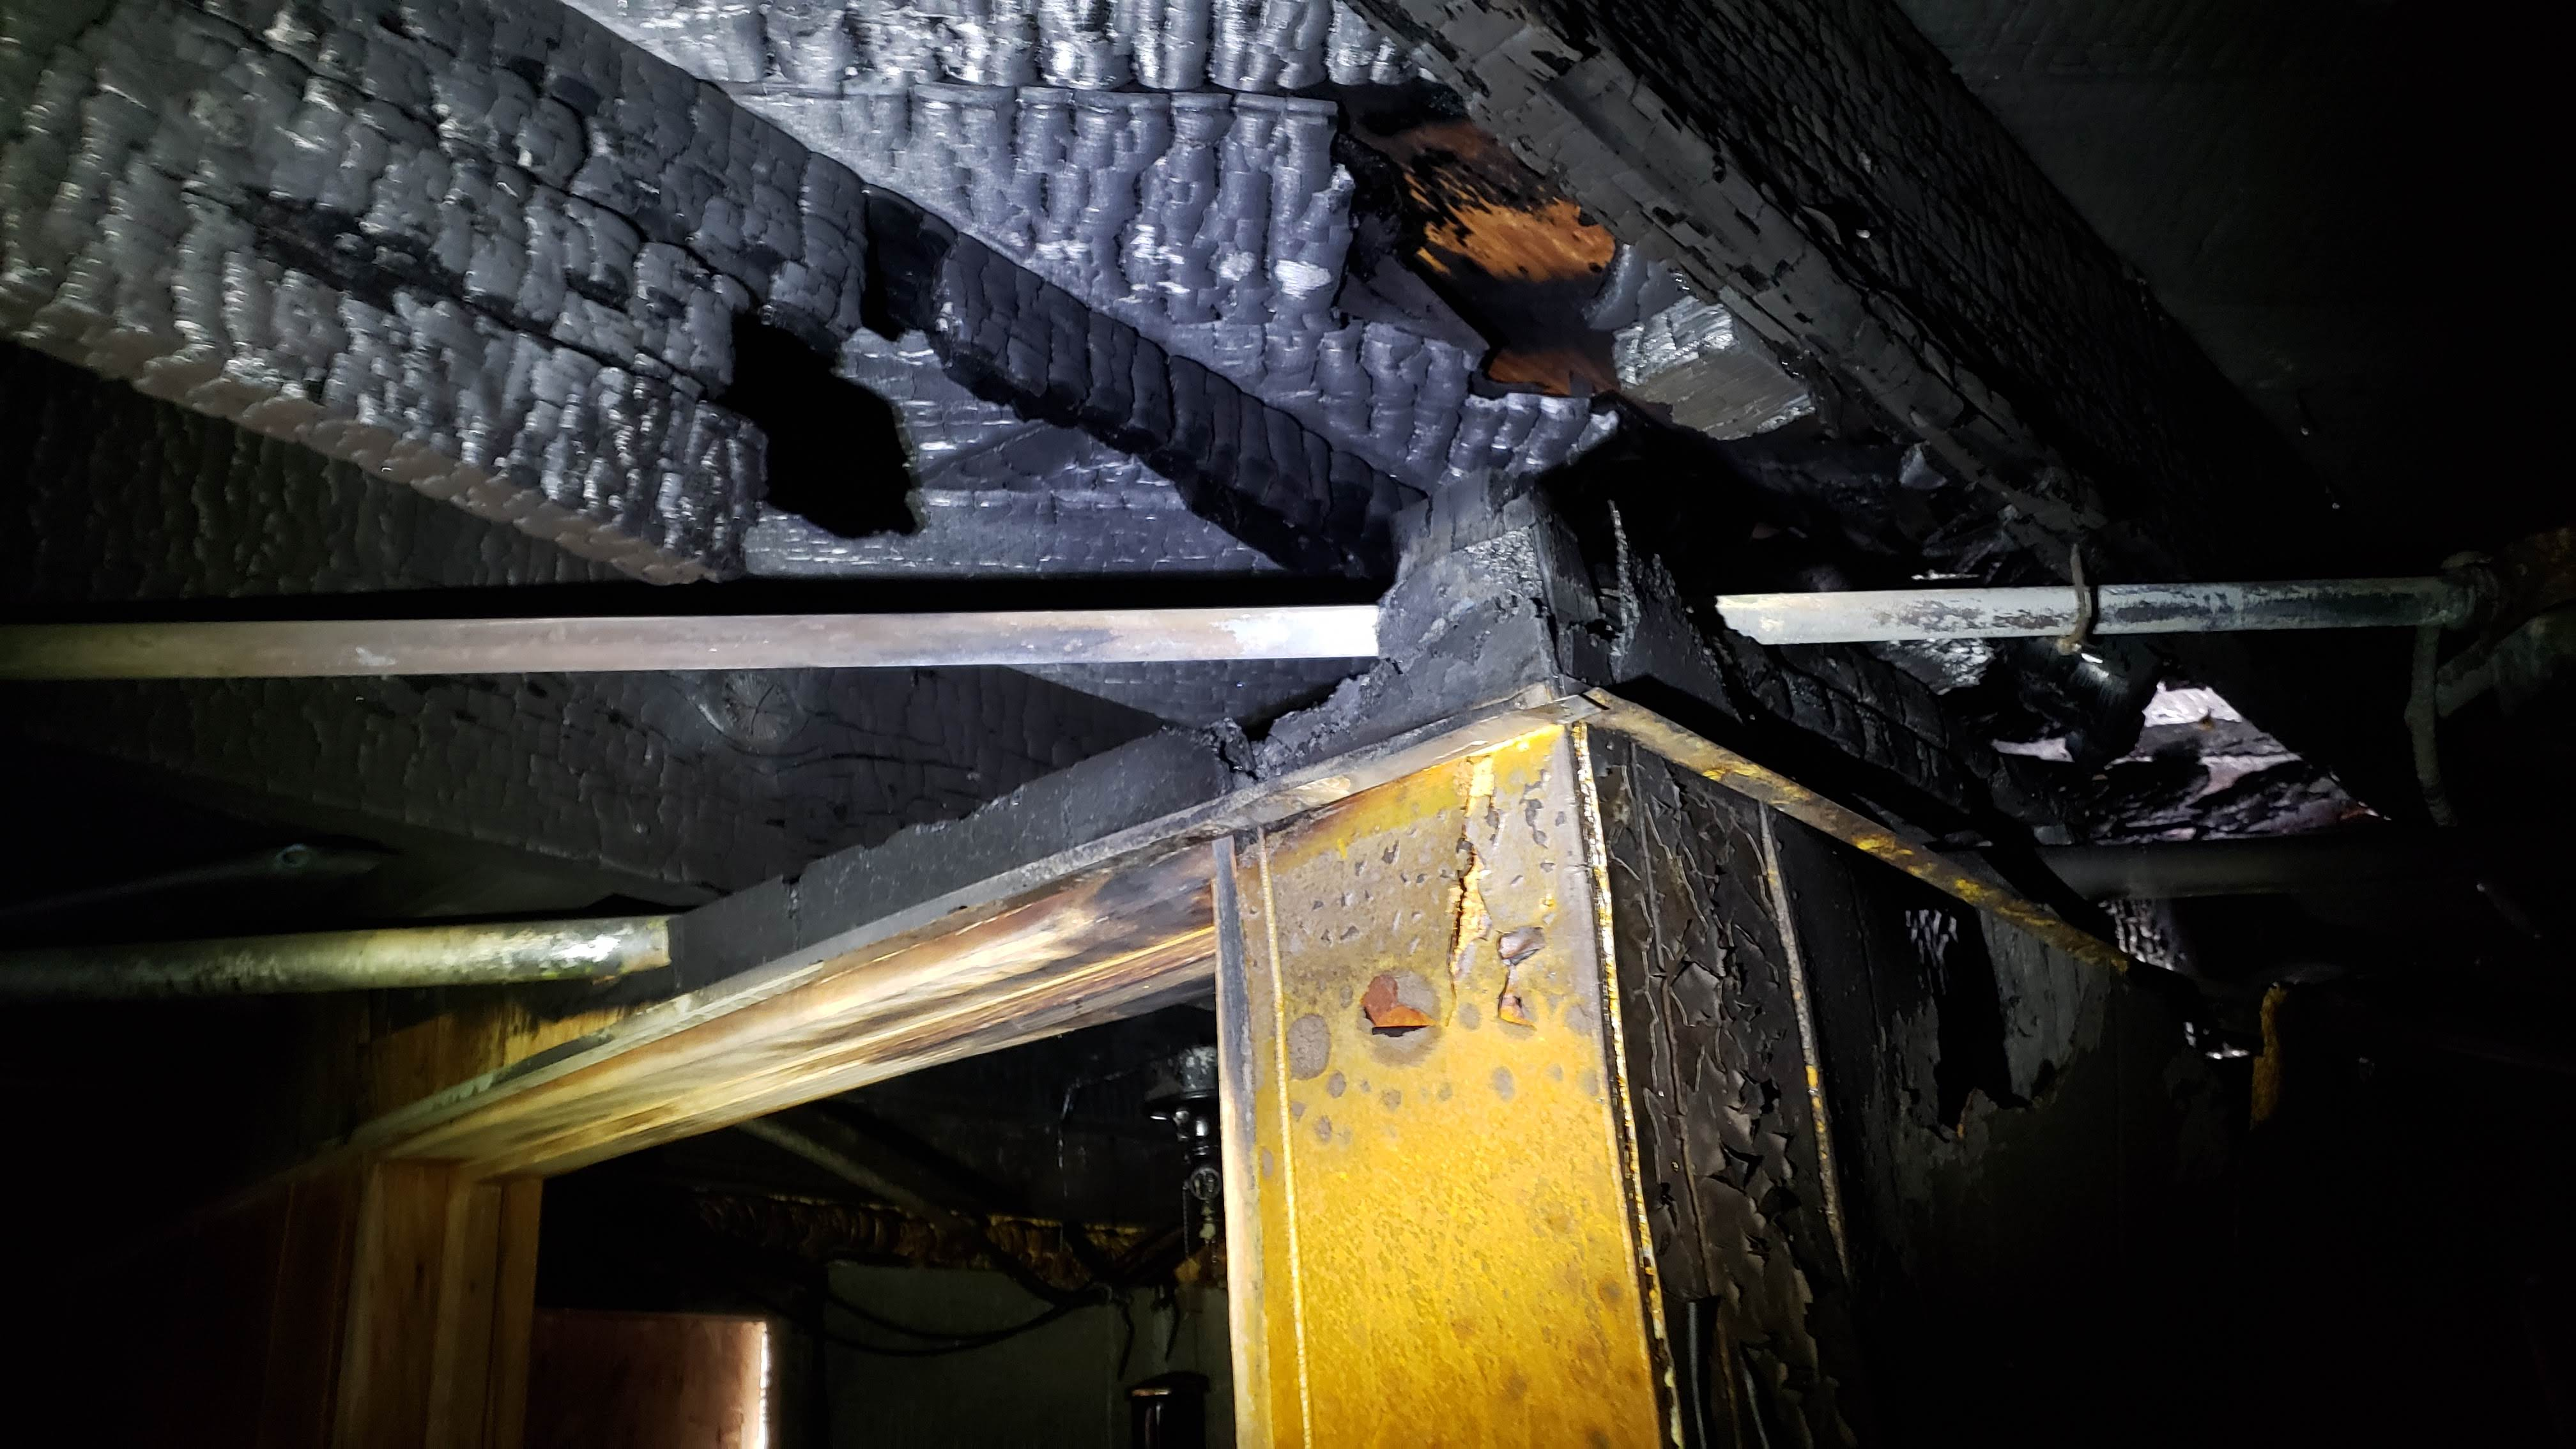 burned floor joists